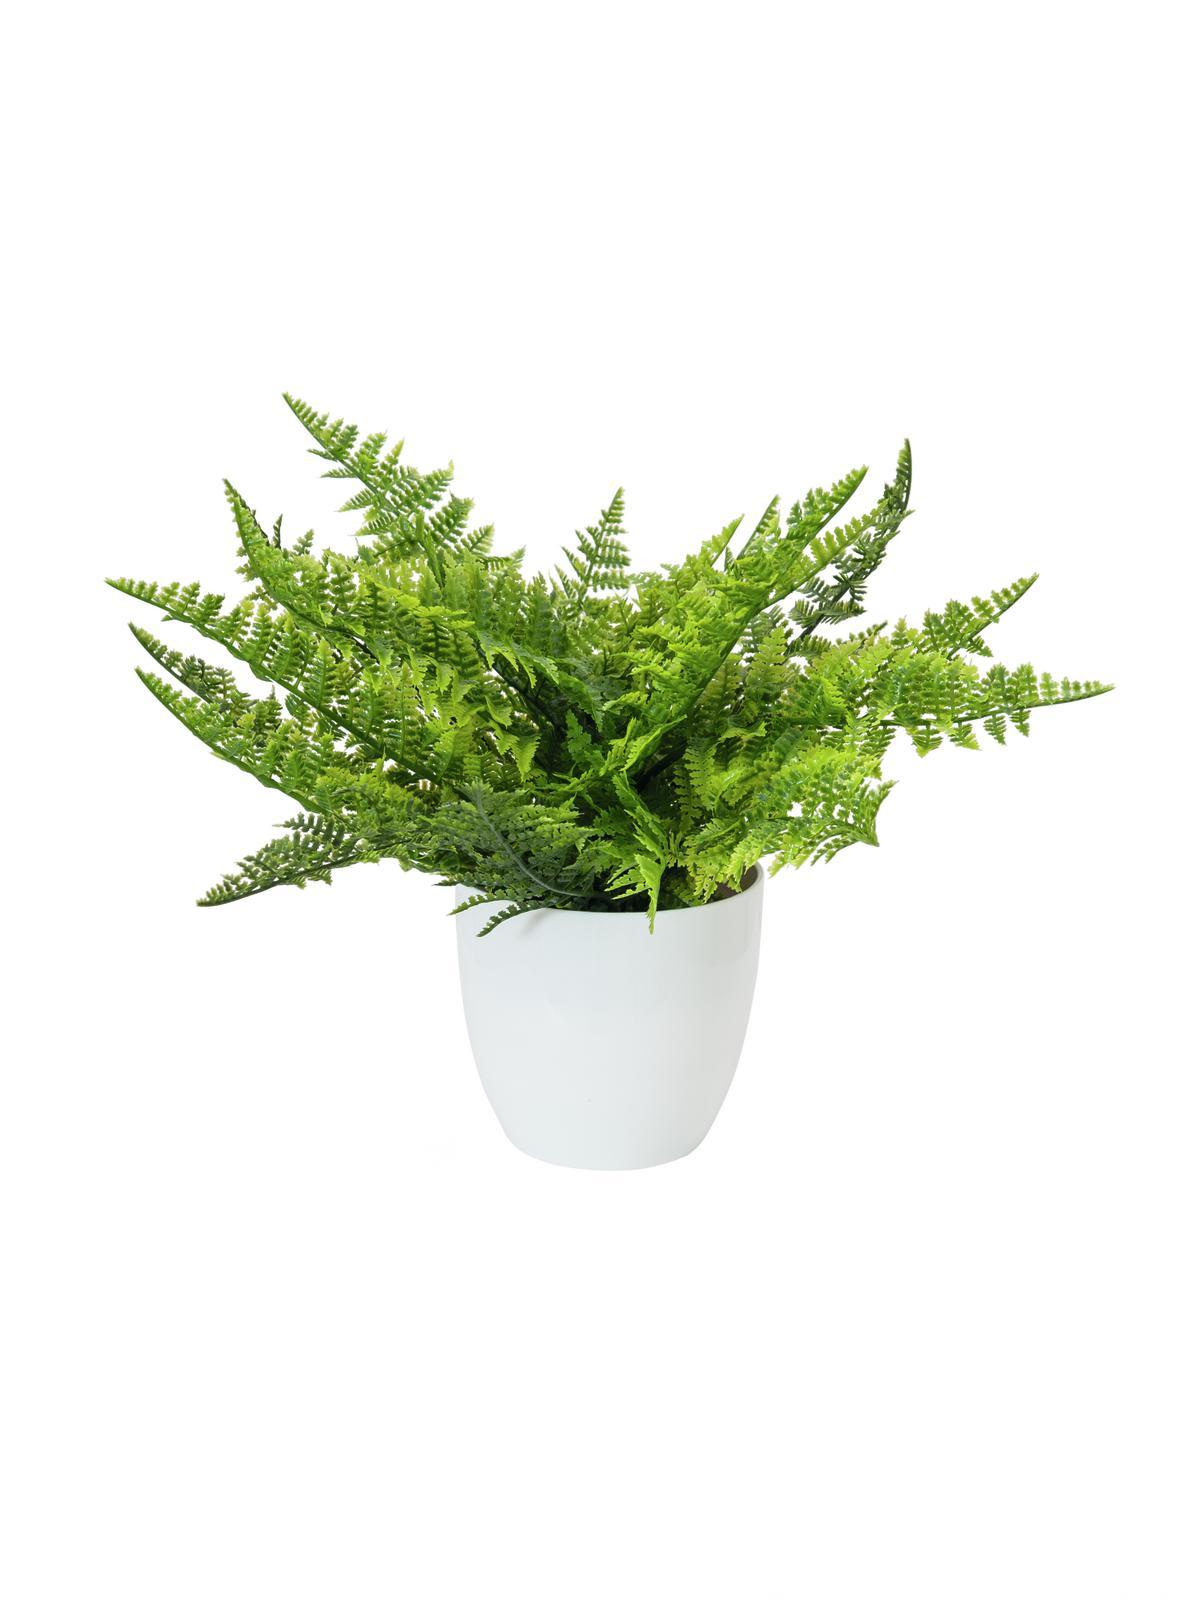 Billede af Kunstig Fern bush in pot, 51 leaves, 48cm